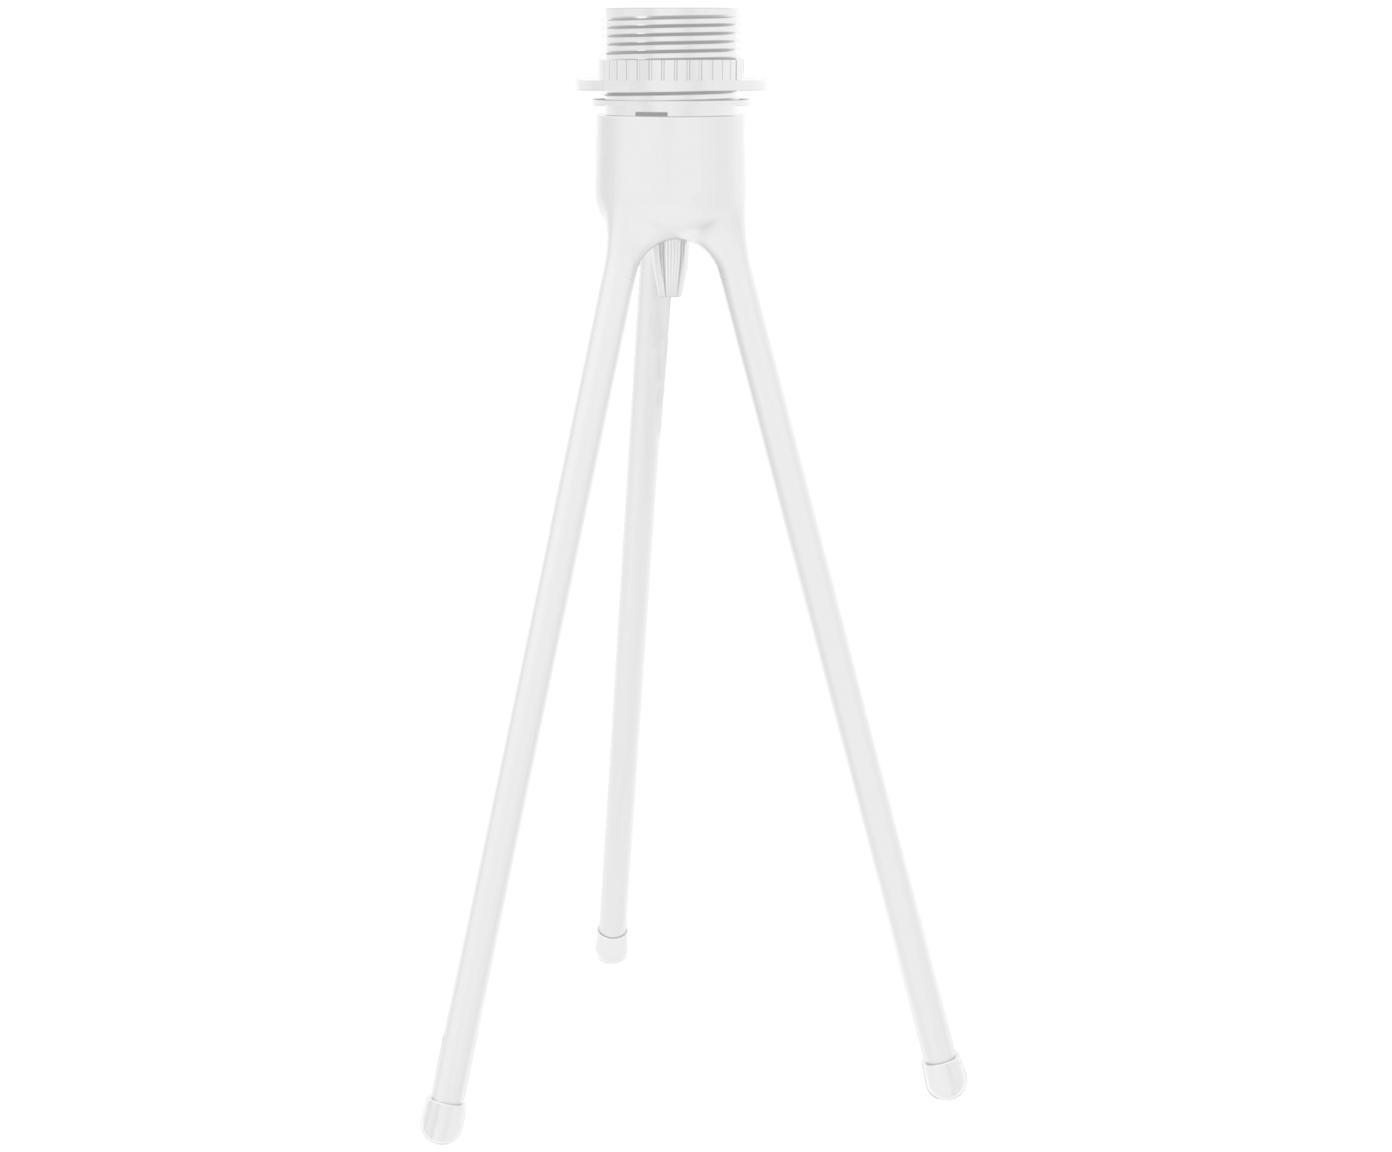 Tischleuchtenfuss Tripod, Weiss, Ø 19 x H 36 cm